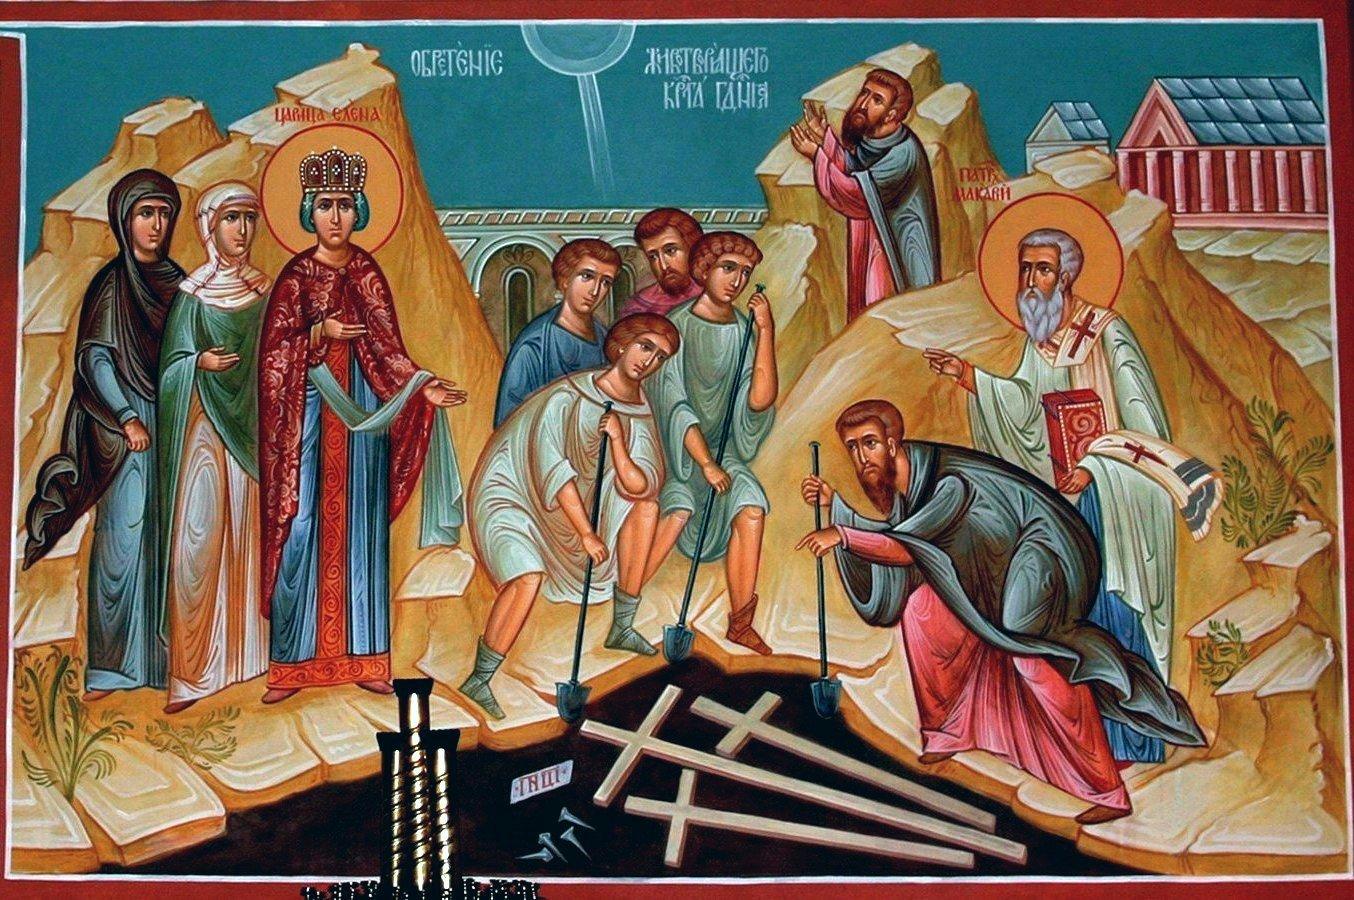 Обретение Честного Креста и гвоздей Святой царицею Еленою во Иерусалиме.